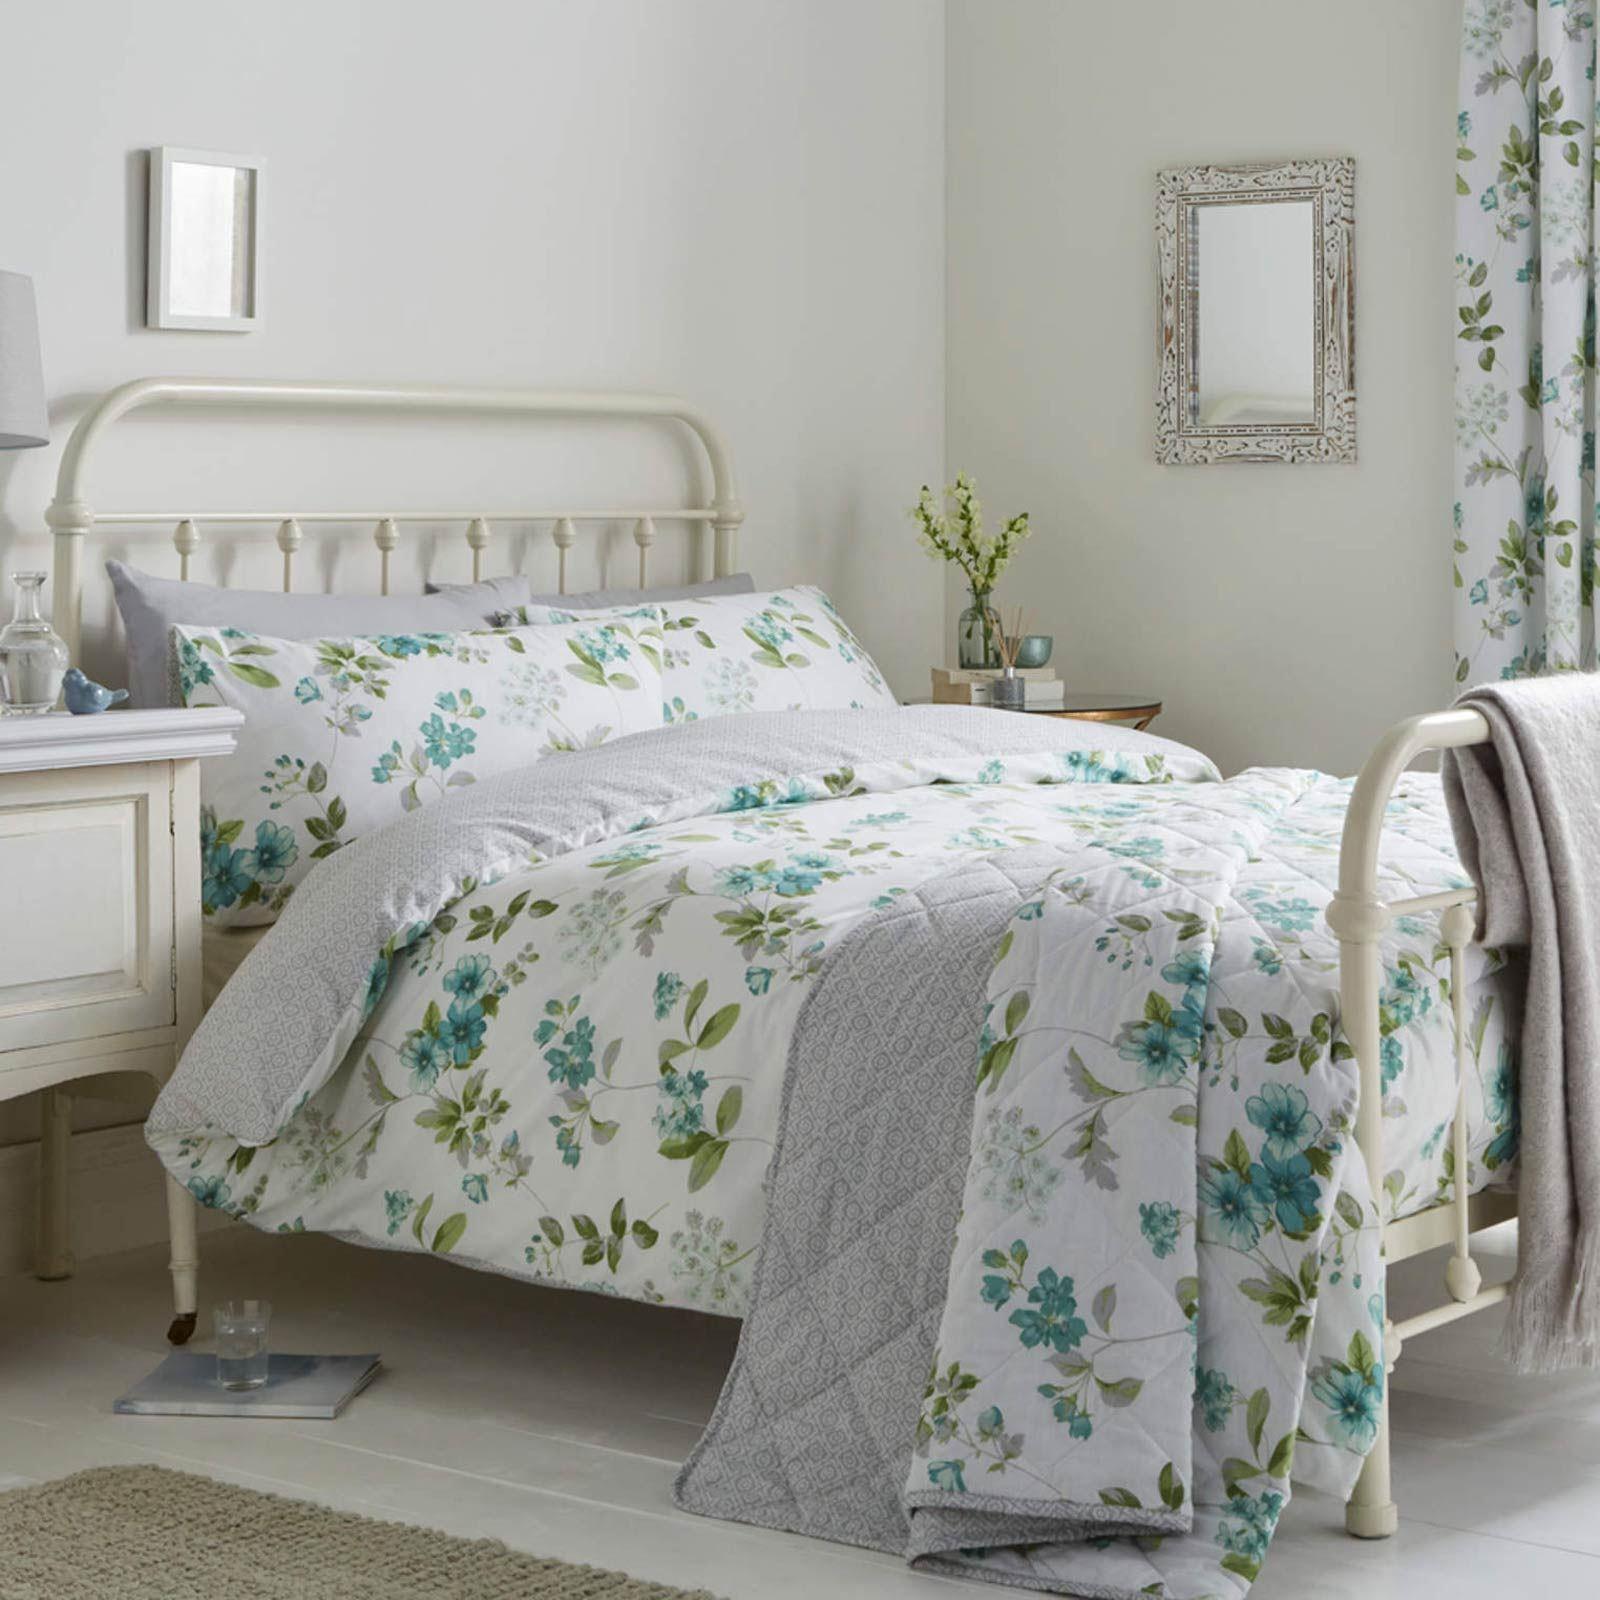 Floral-Fundas-nordicas-Lorena-Vintage-Estampado-De-Flores-conjuntos-de-ropa-de-cama-de-edredon-de miniatura 10